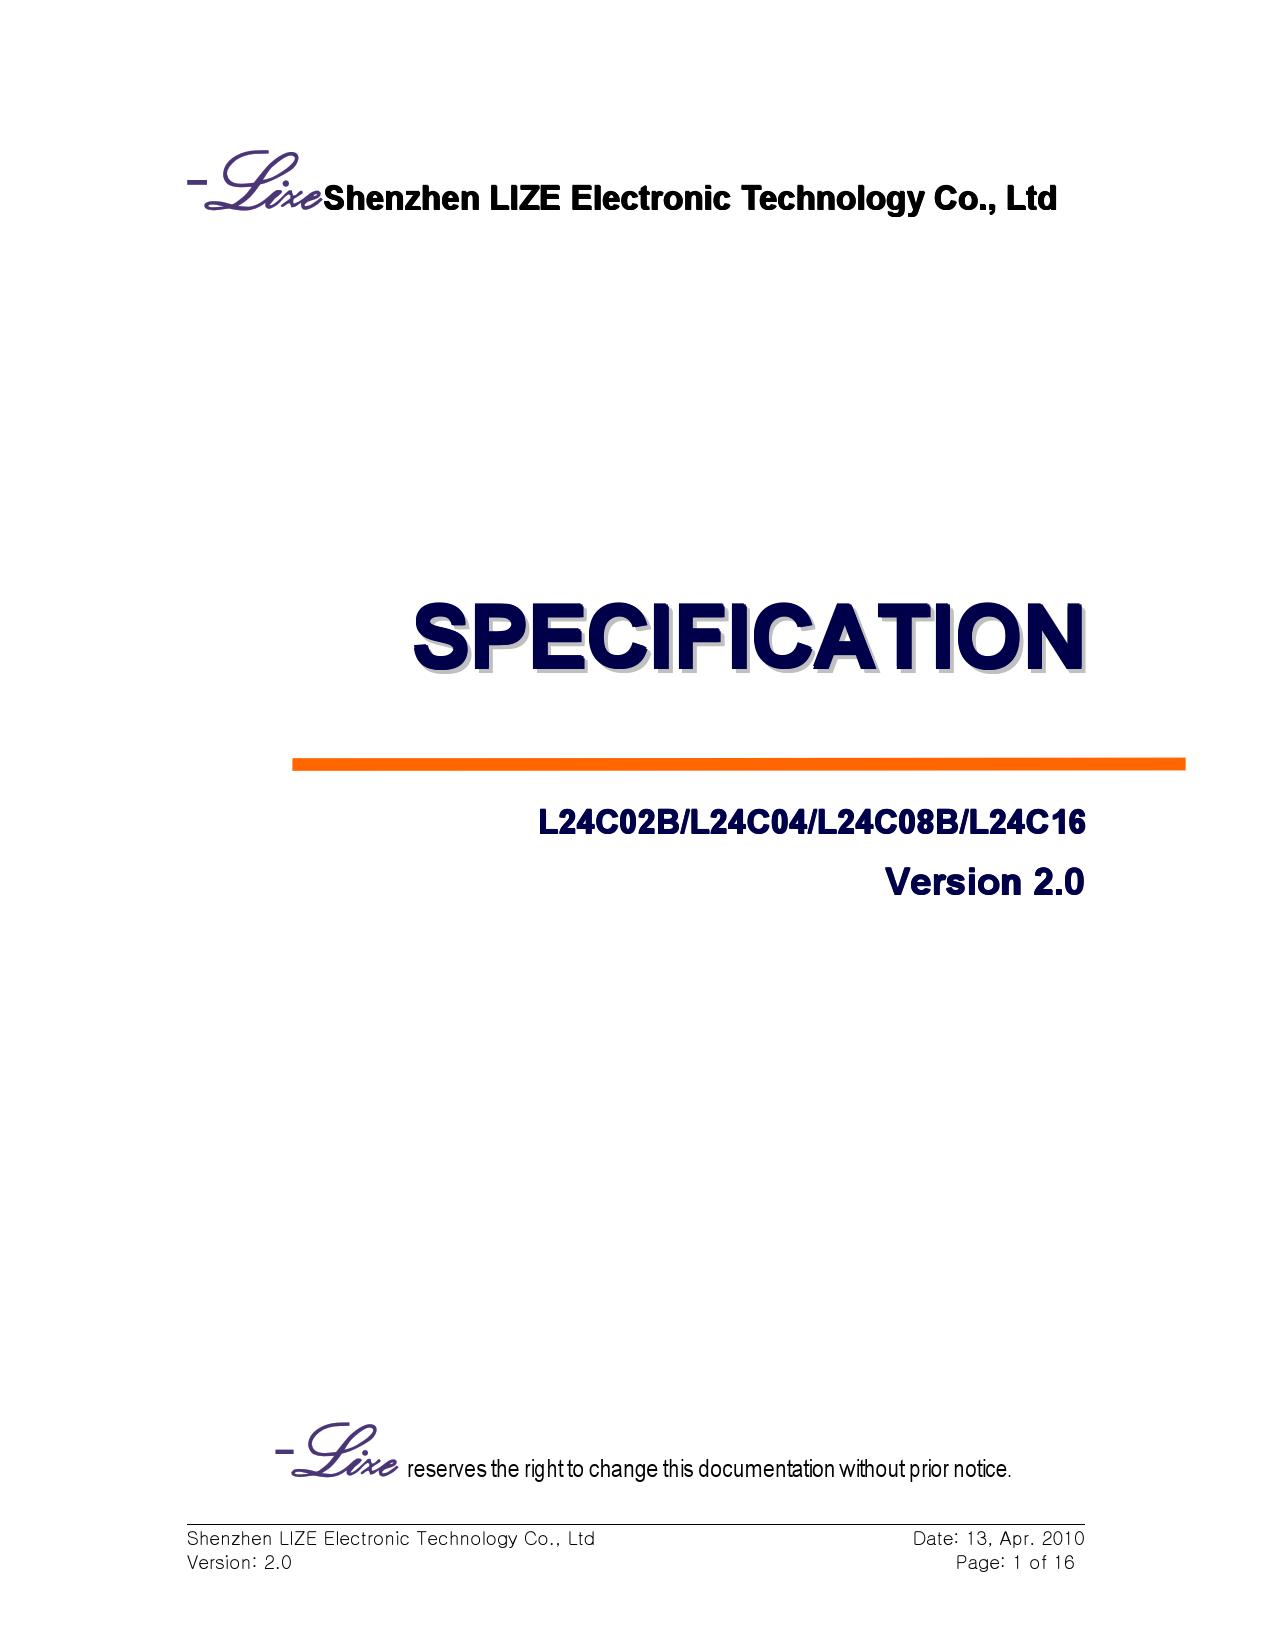 L24C02B pdf